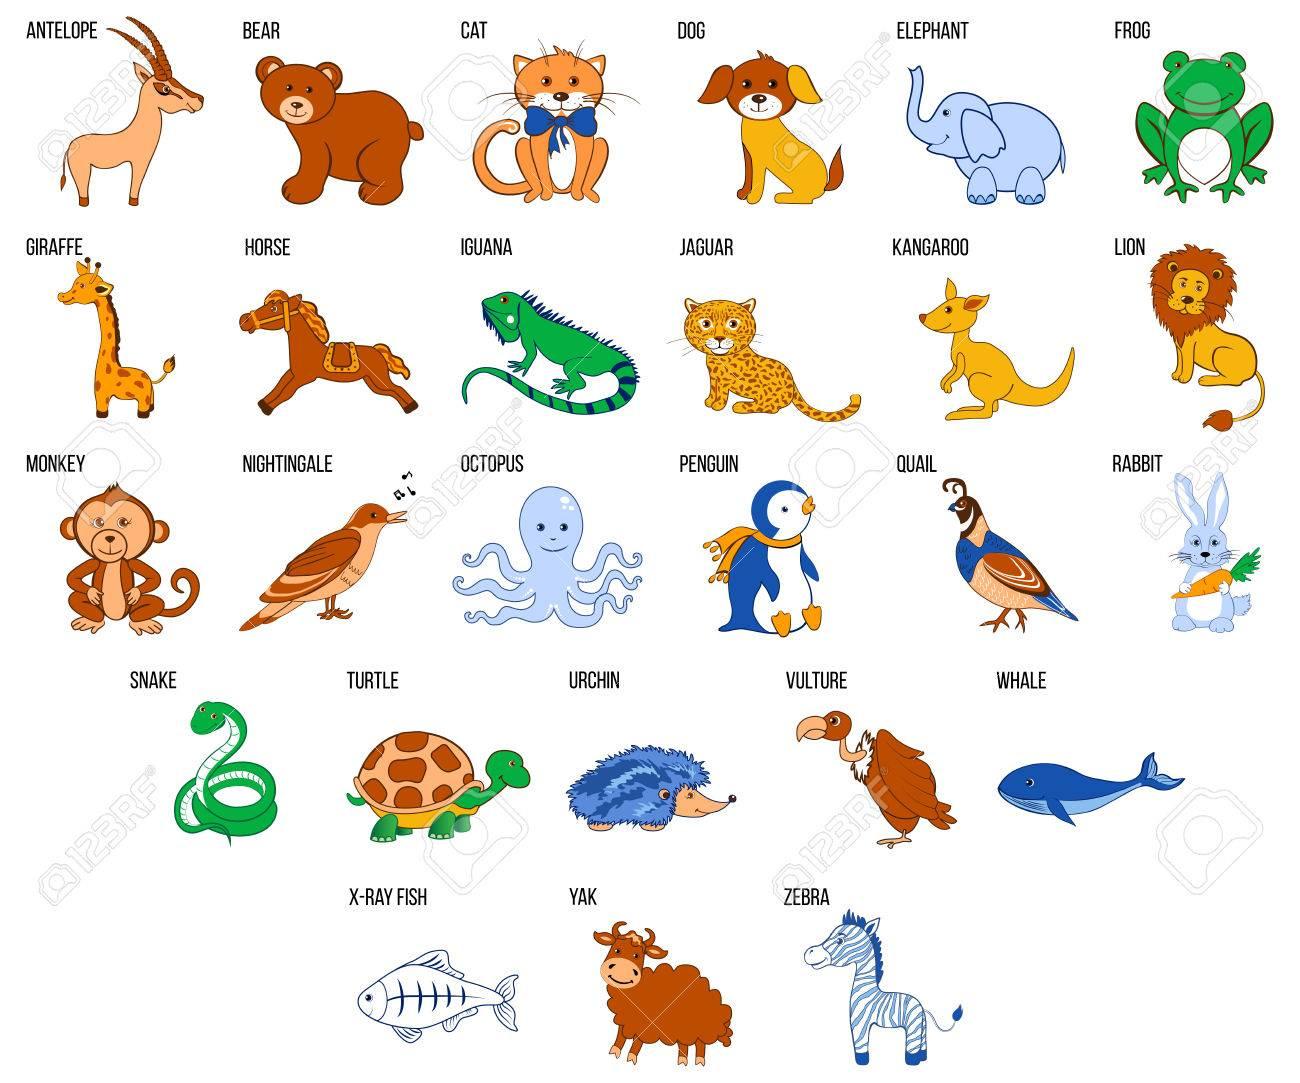 Alphabet De Zoo Mignon Avec Des Animaux De Bande Dessinée De L'illustration  Vectorielle De A À Z Isolé Sur Le Fond, Éducation Pour Enfants, destiné Apprendre Le Nom Des Animaux